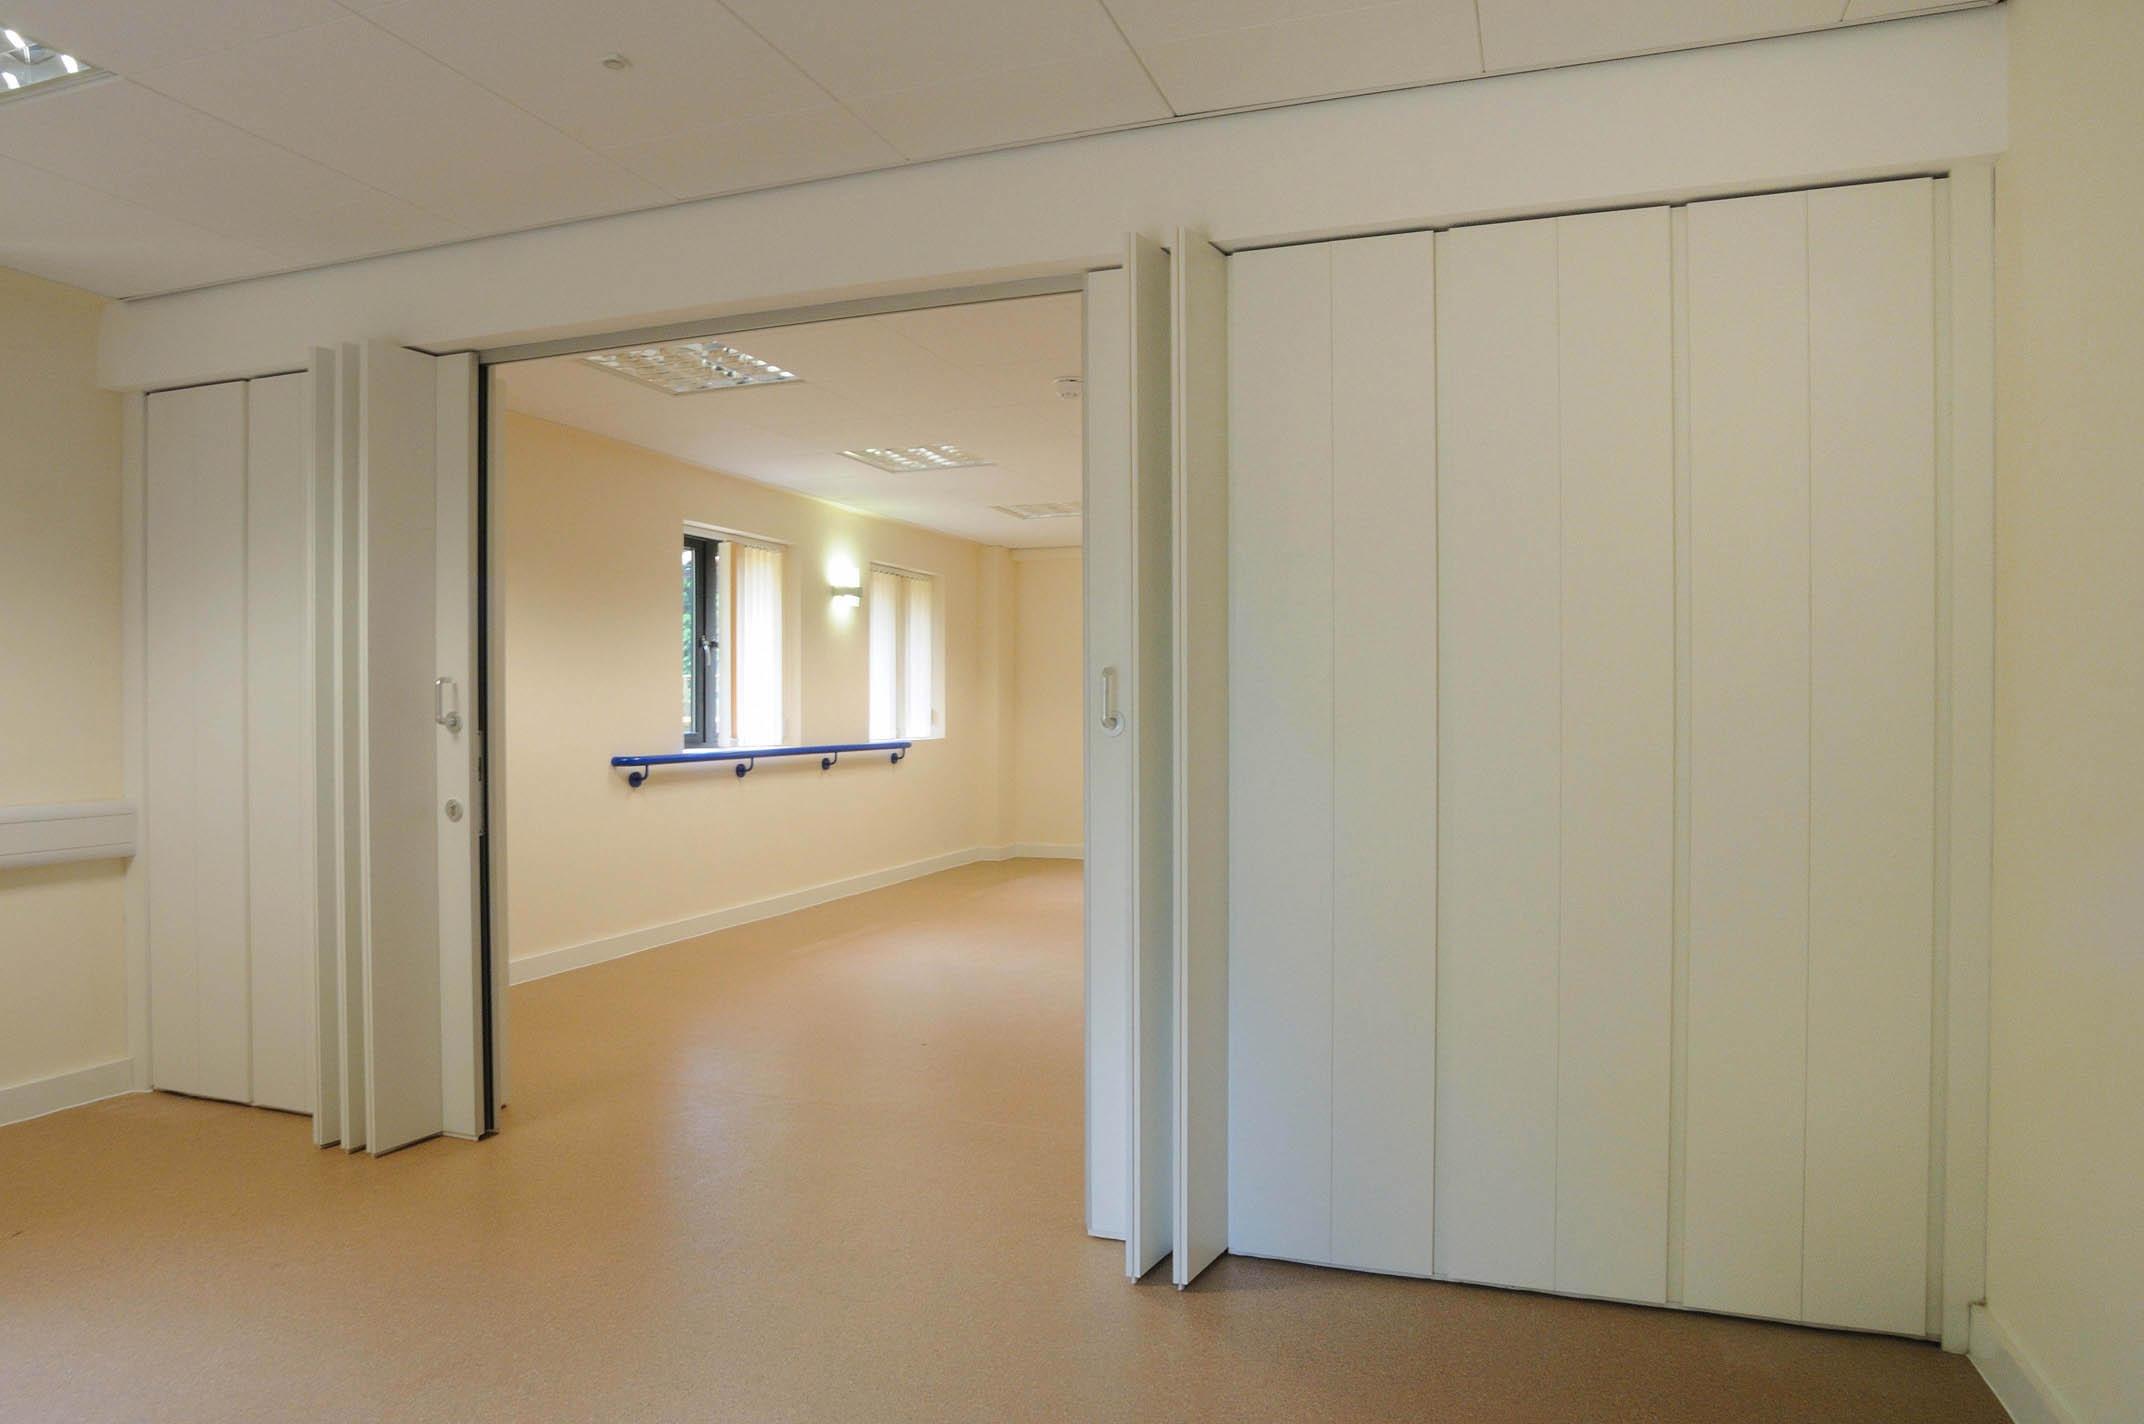 Sliding Doors Room Dividersinterior attractive sliding room dividers for interior decor idea